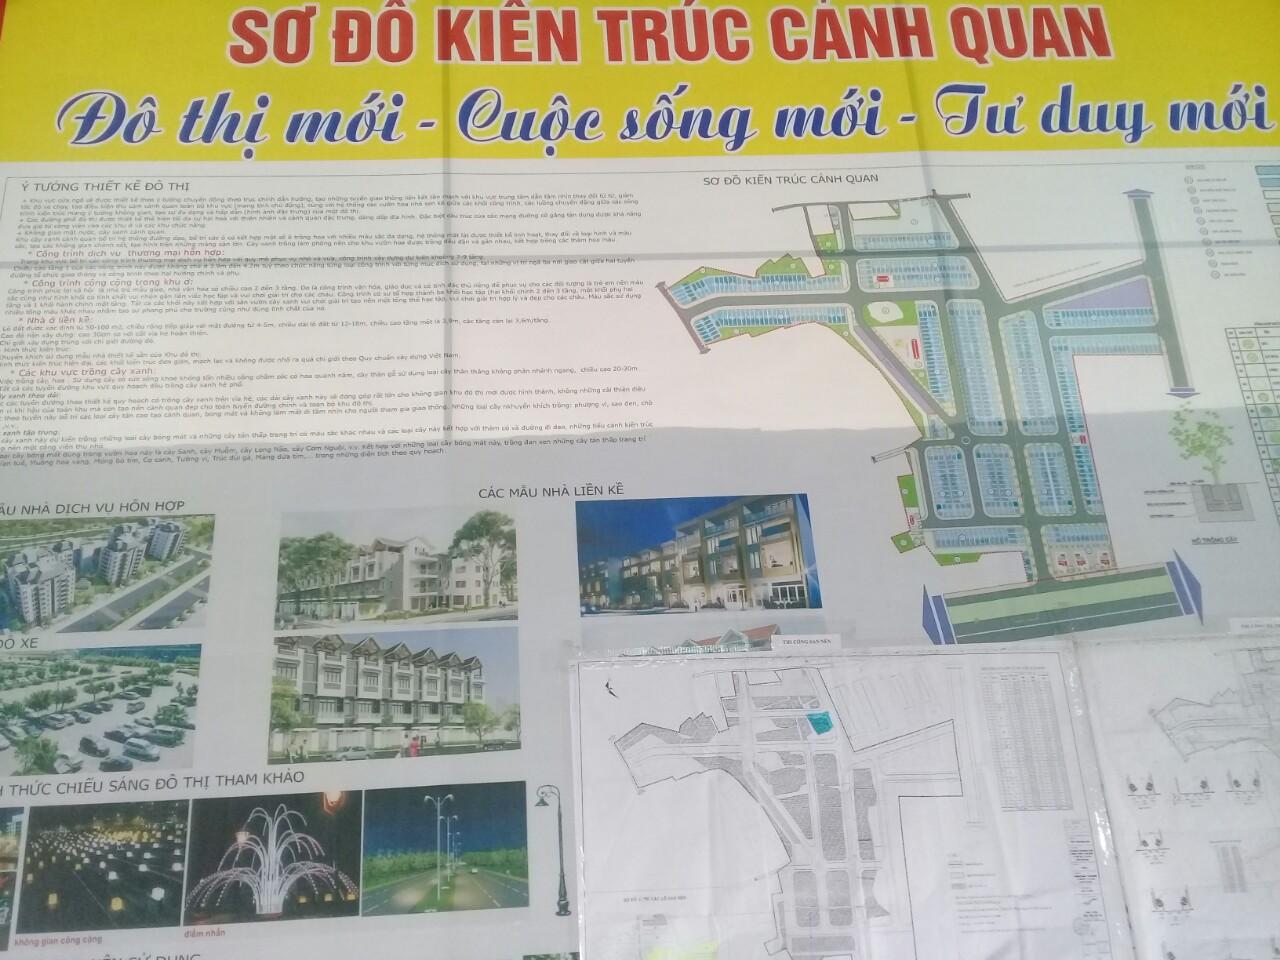 2 Bán đất Dự Án Khu đô thị Ford Tứ Minh, phường Tứ Minh, Thành phố Hải Dương